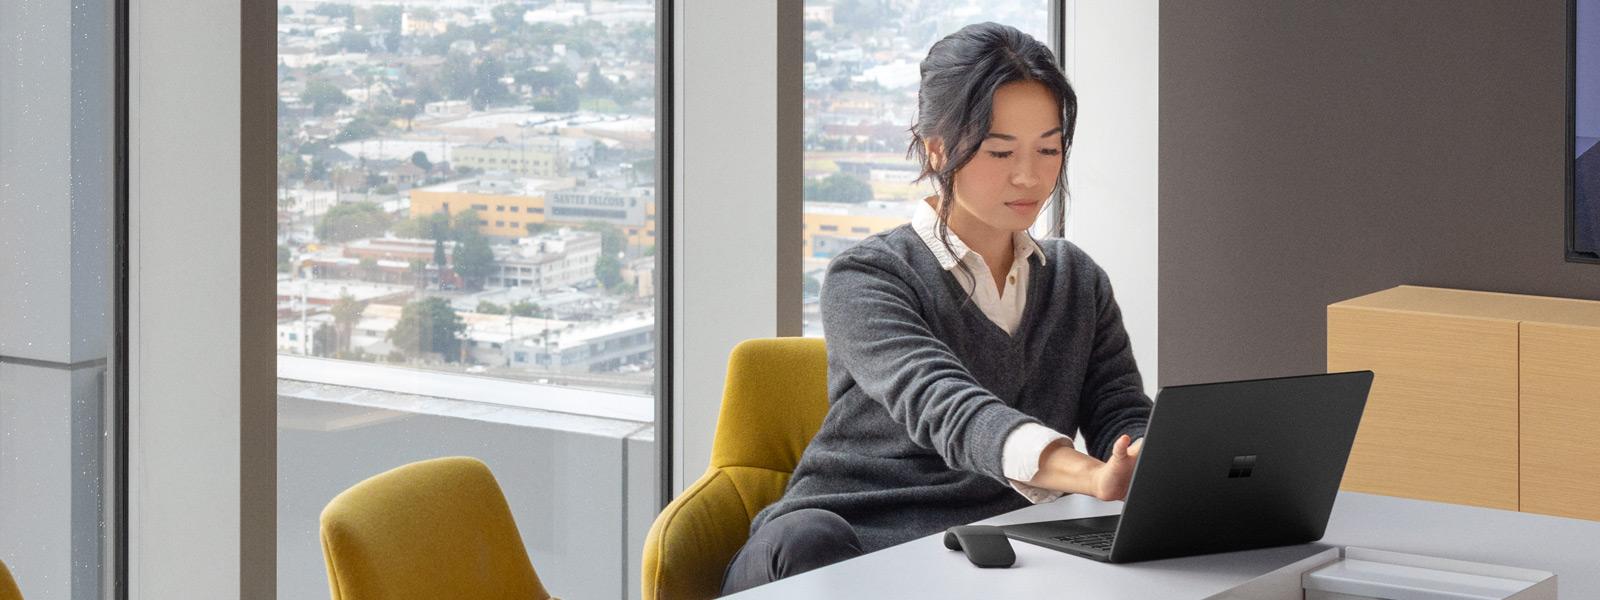 Eine Frau arbeitet an ihrem Schreibtisch mit ihrem SurfaceLaptop2 in Mattschwarz.